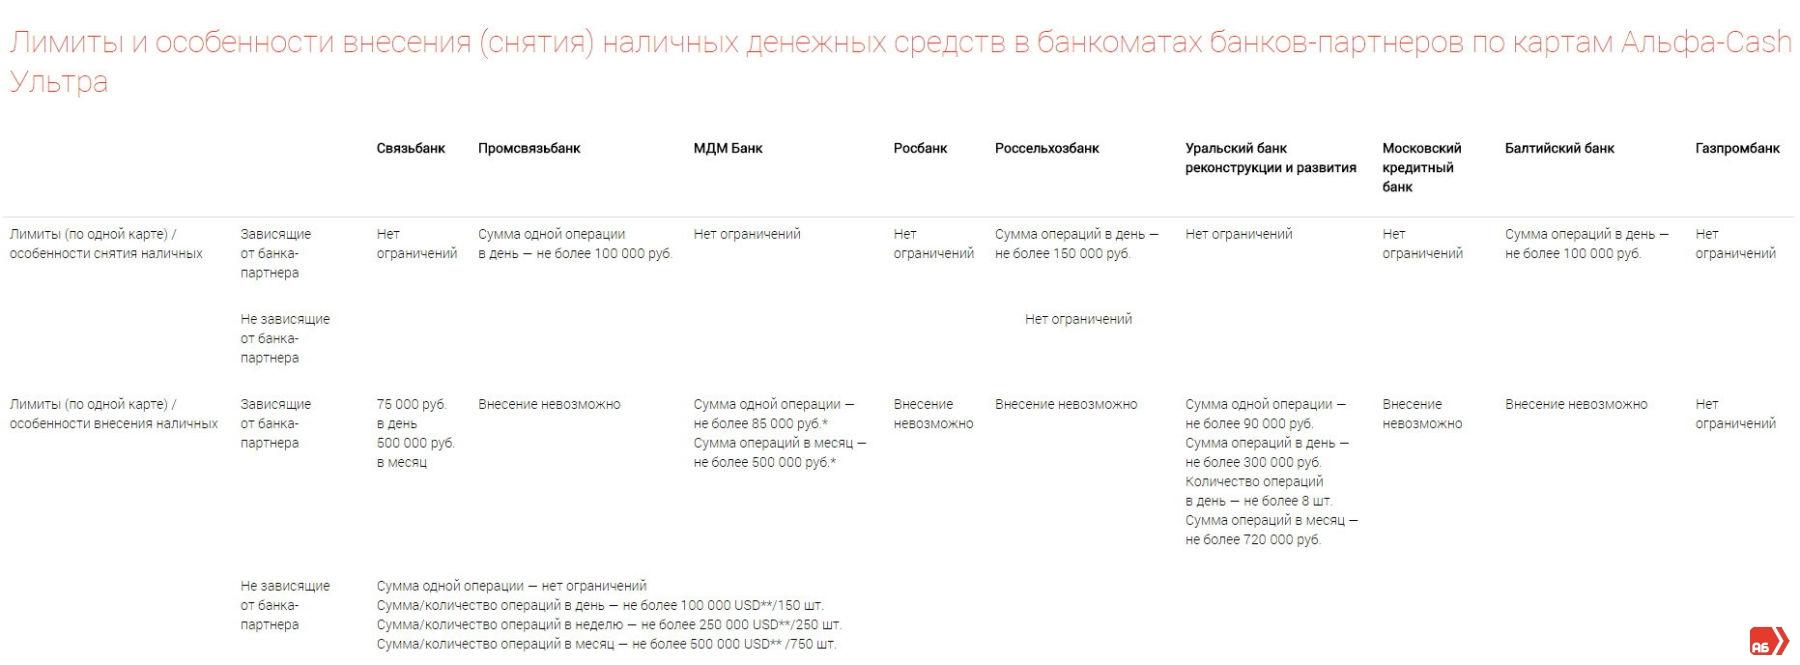 Таблица лимитов на снятие или пополнение карт Альфа-Банка у партнеров